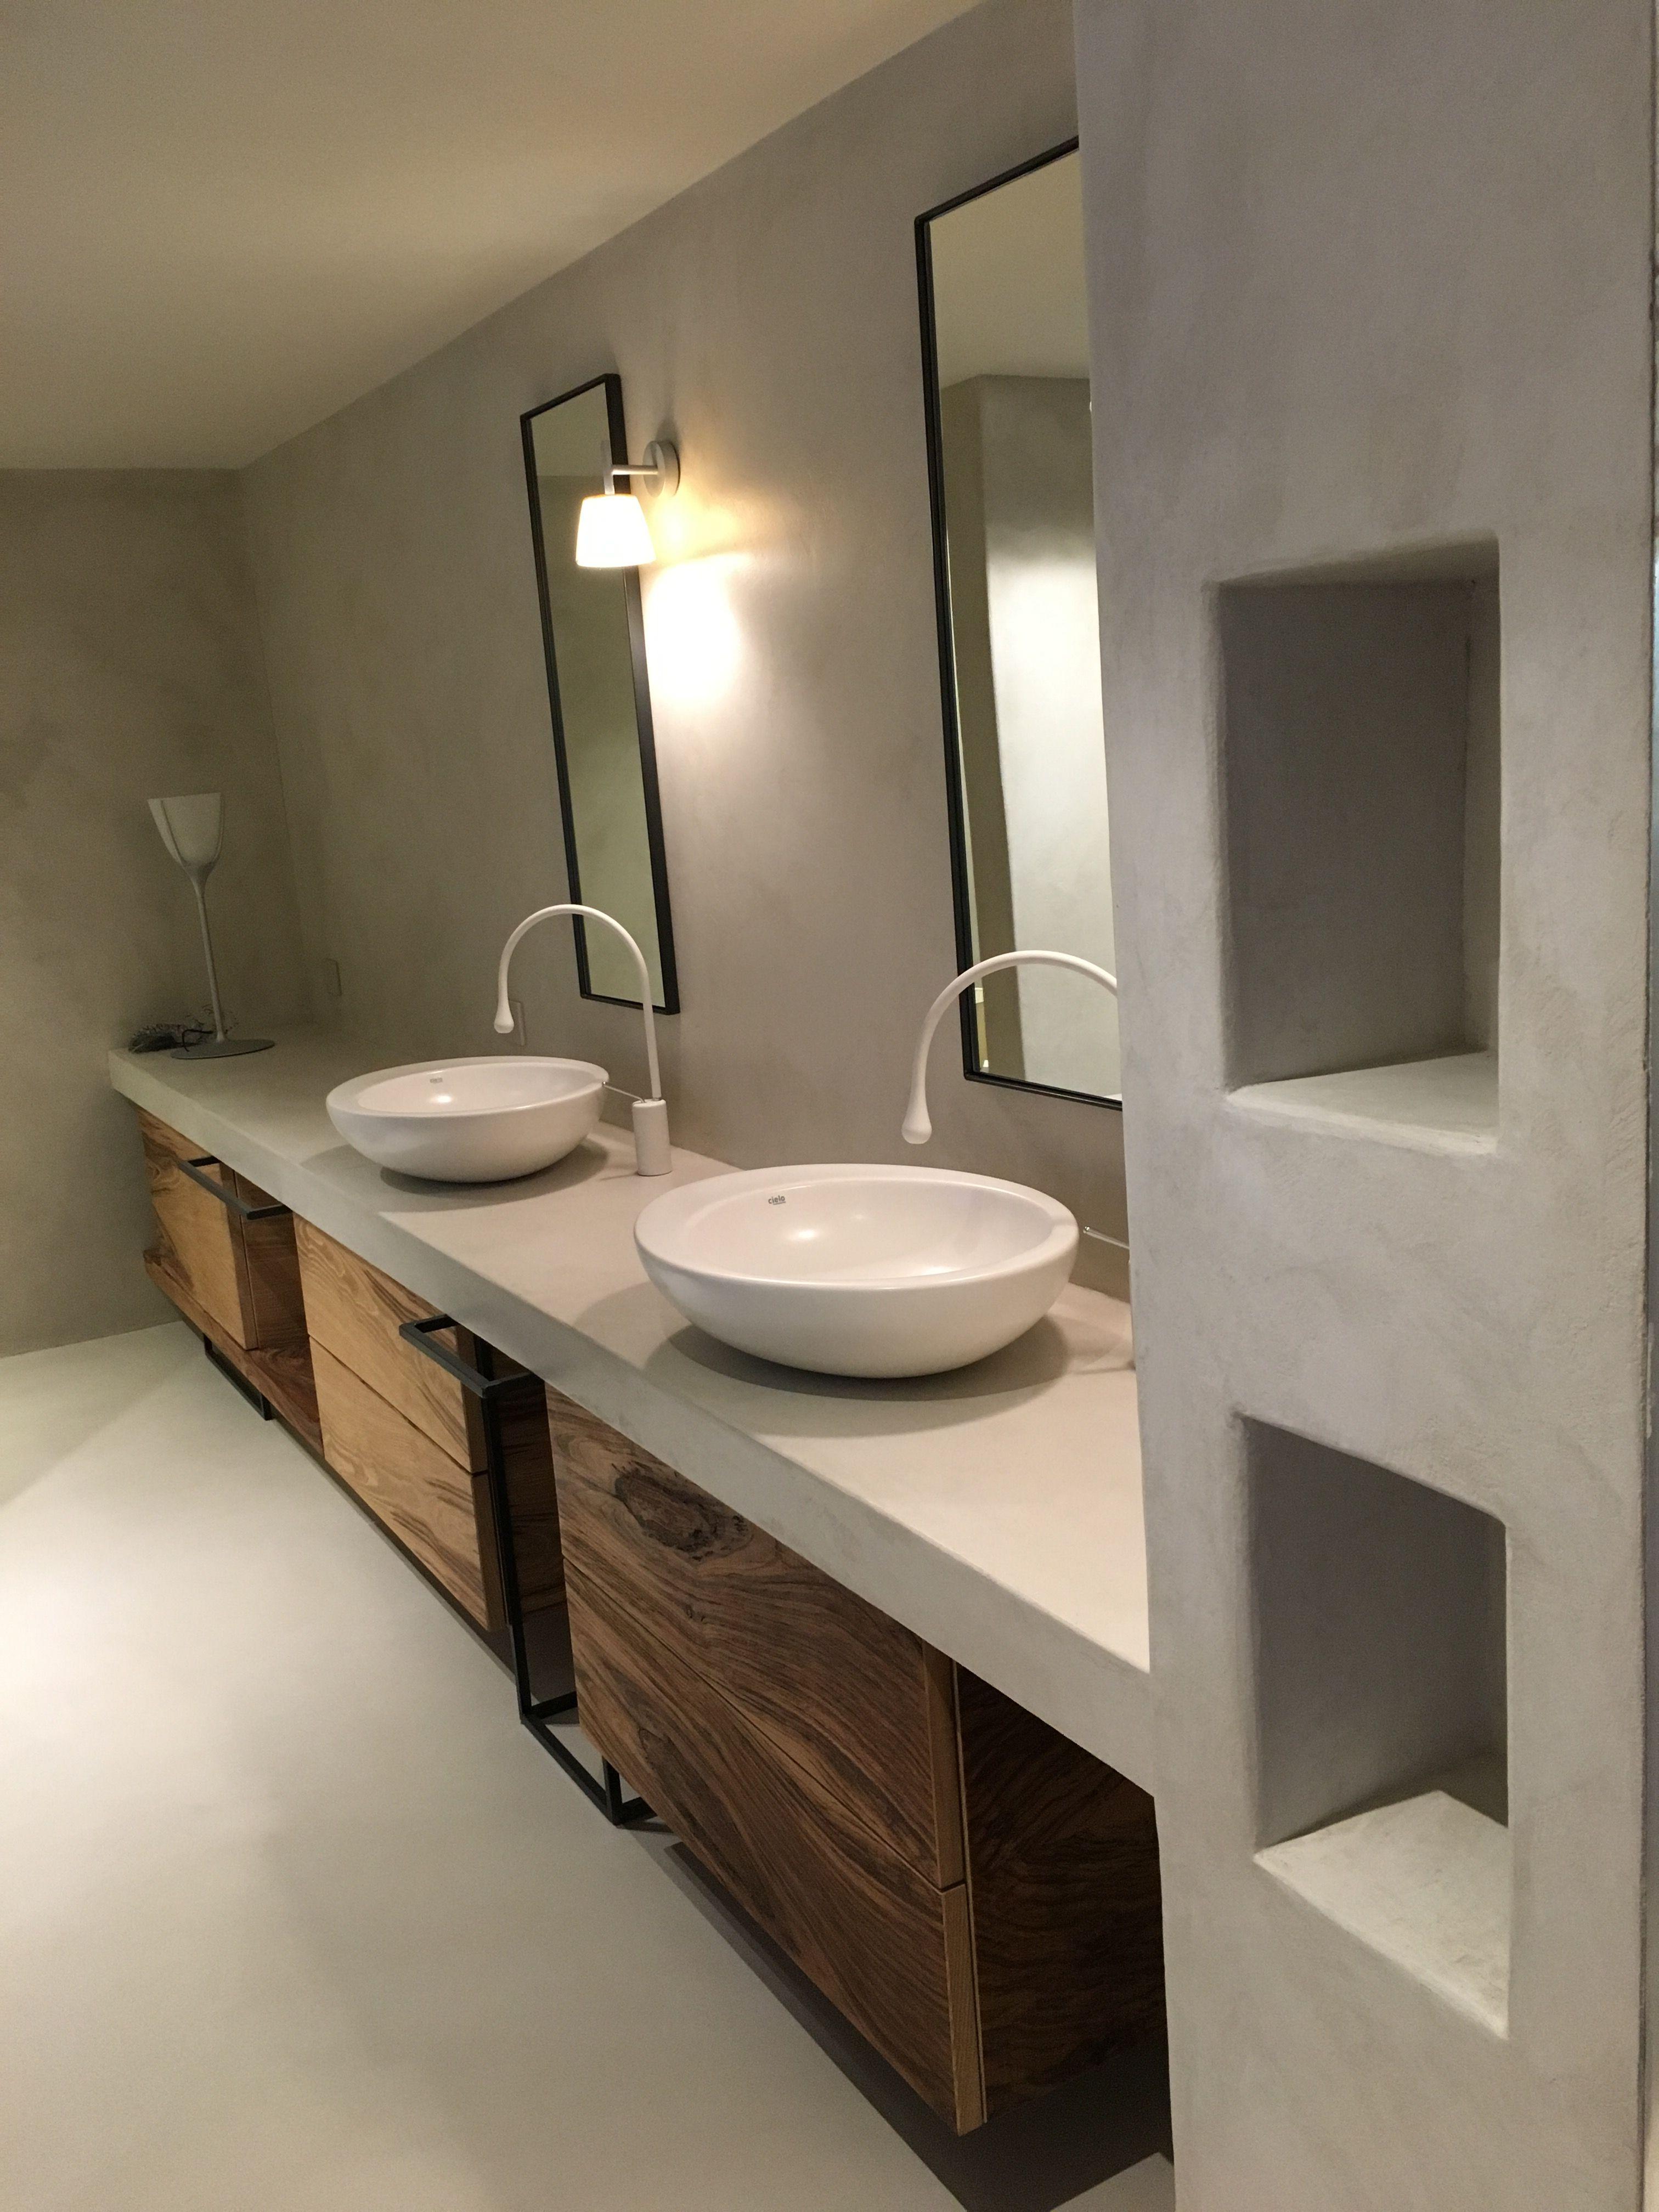 Cementopantelleria Arredobagno Cemento Home Decor Pavimenti